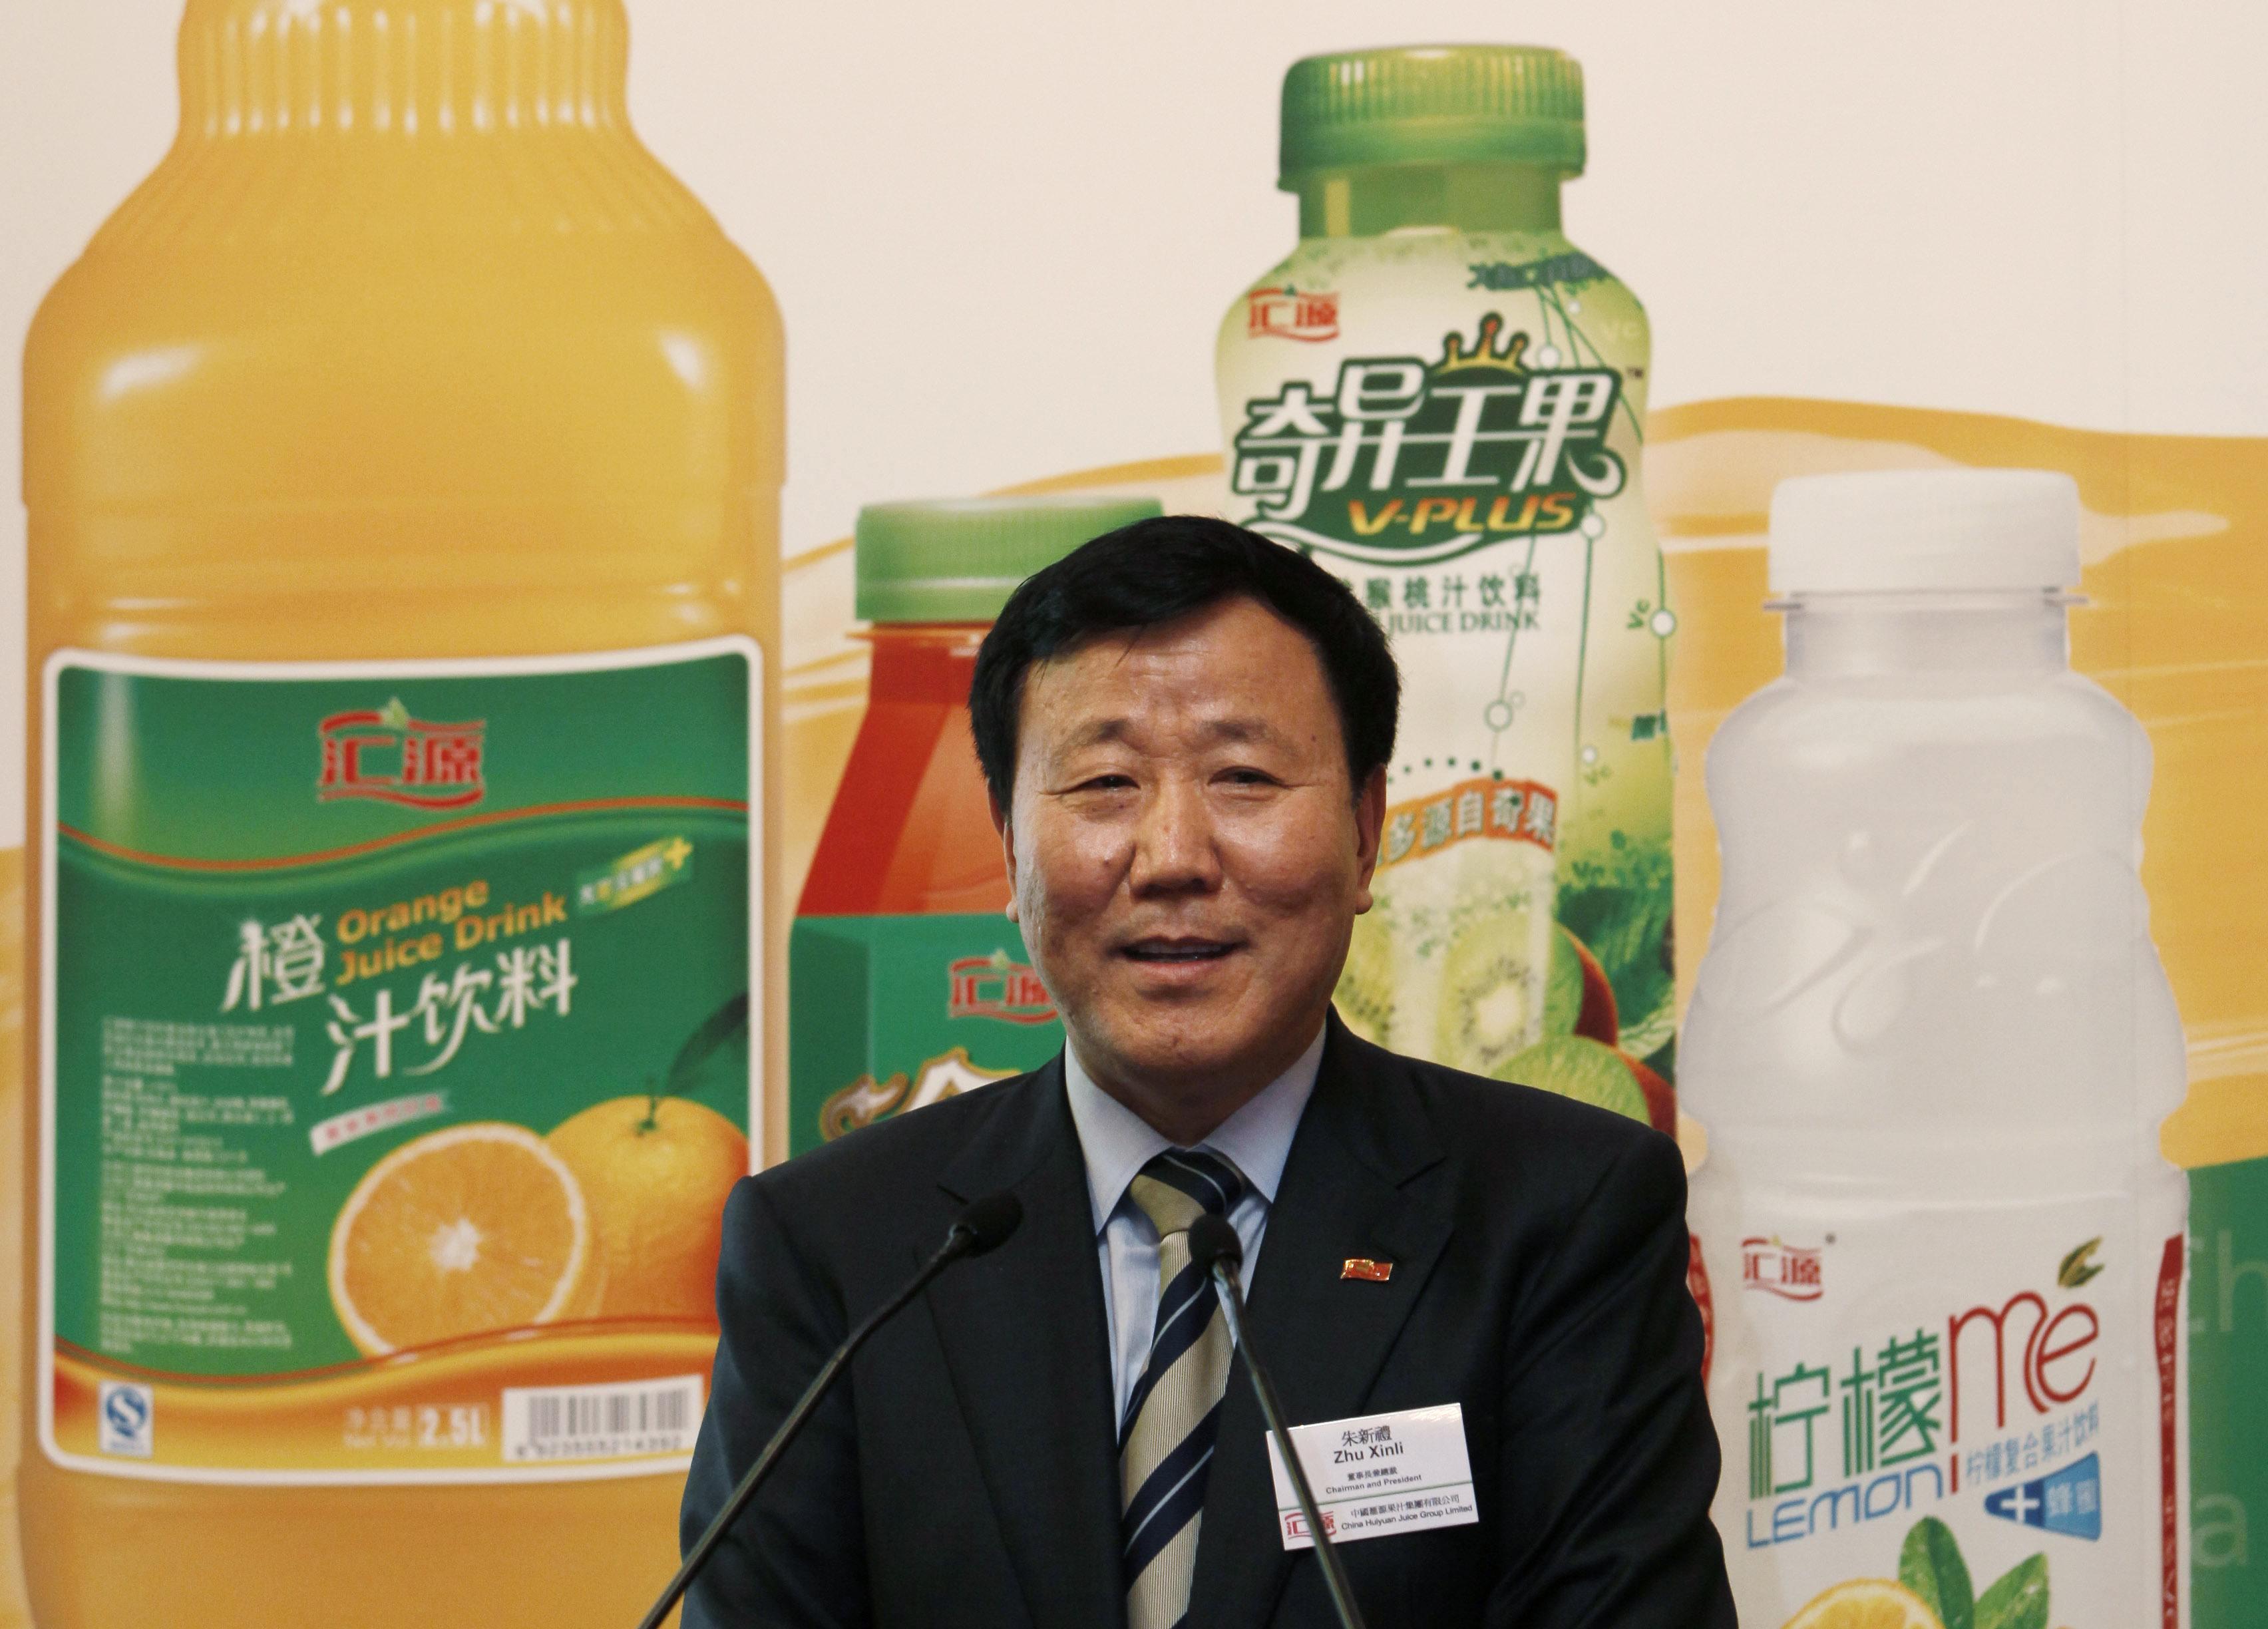 汇源果汁董事会今年首次增员,朱新礼旧部进入策略委员会_汇源崔现国